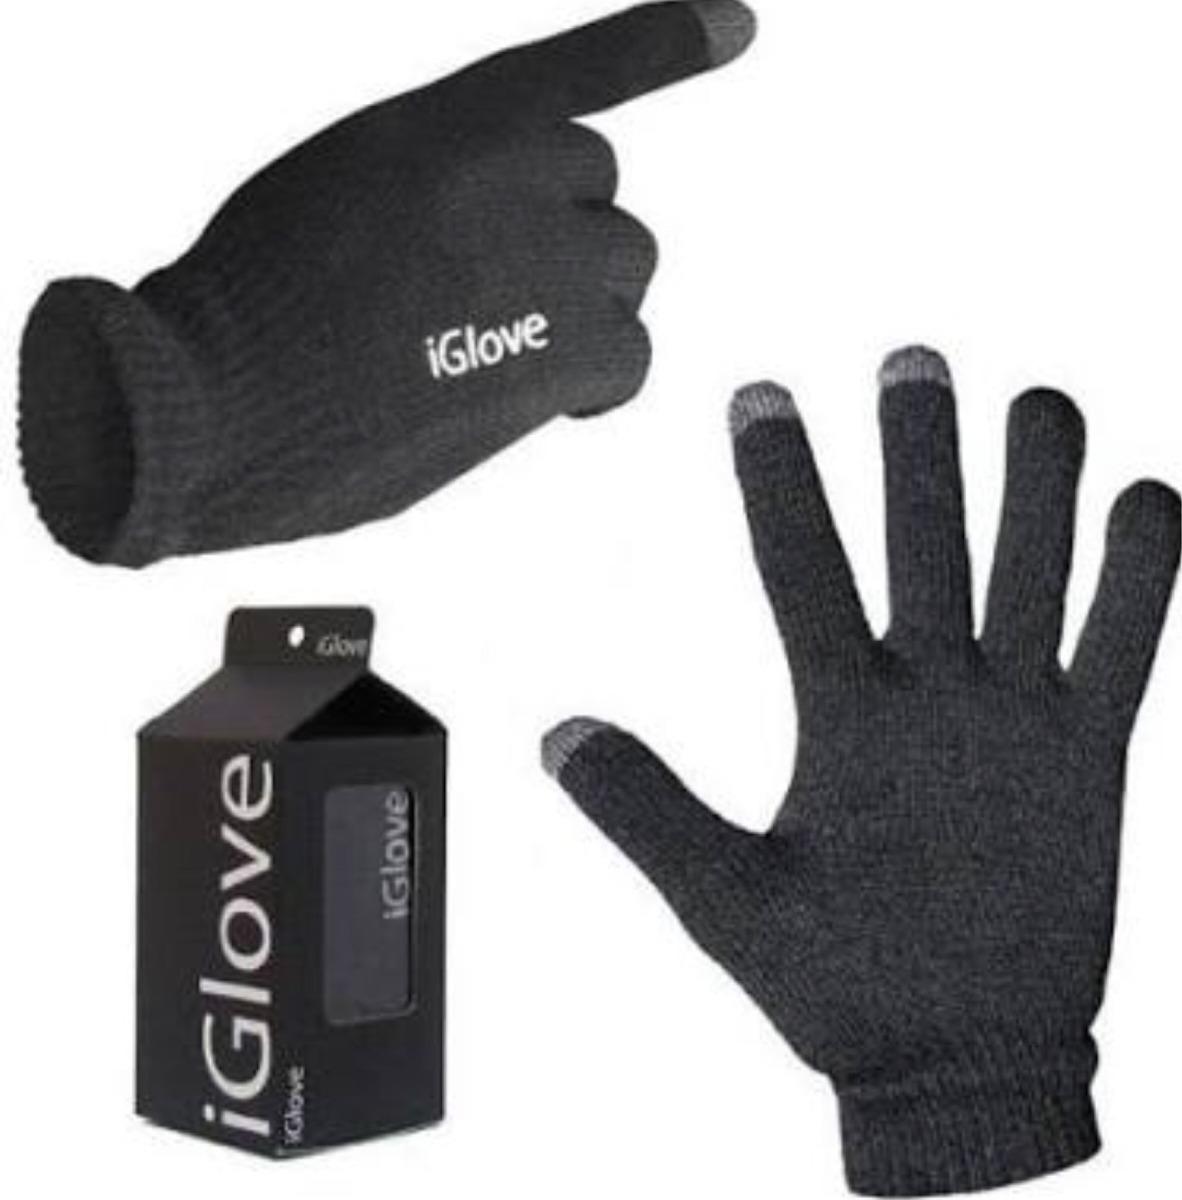 Guantes Touch Iglove Originales (táctiles, Celular, Frío ...